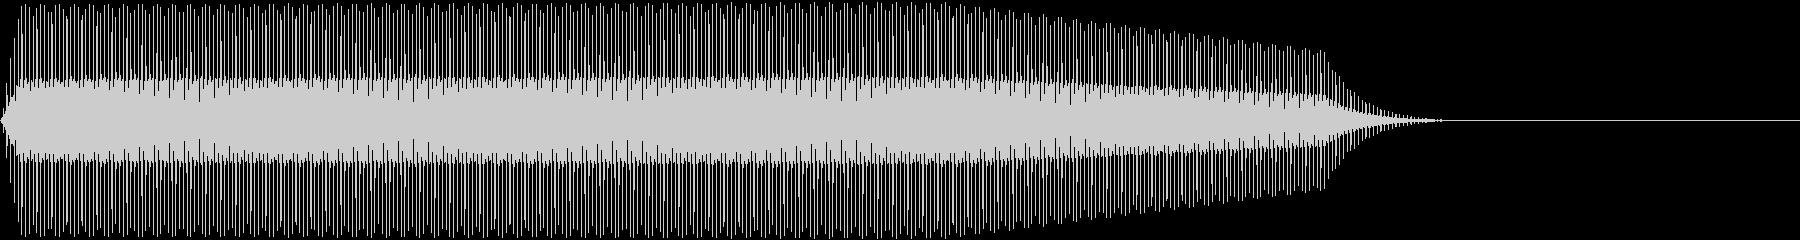 DENSHION ハイトーンな電子音 2の未再生の波形